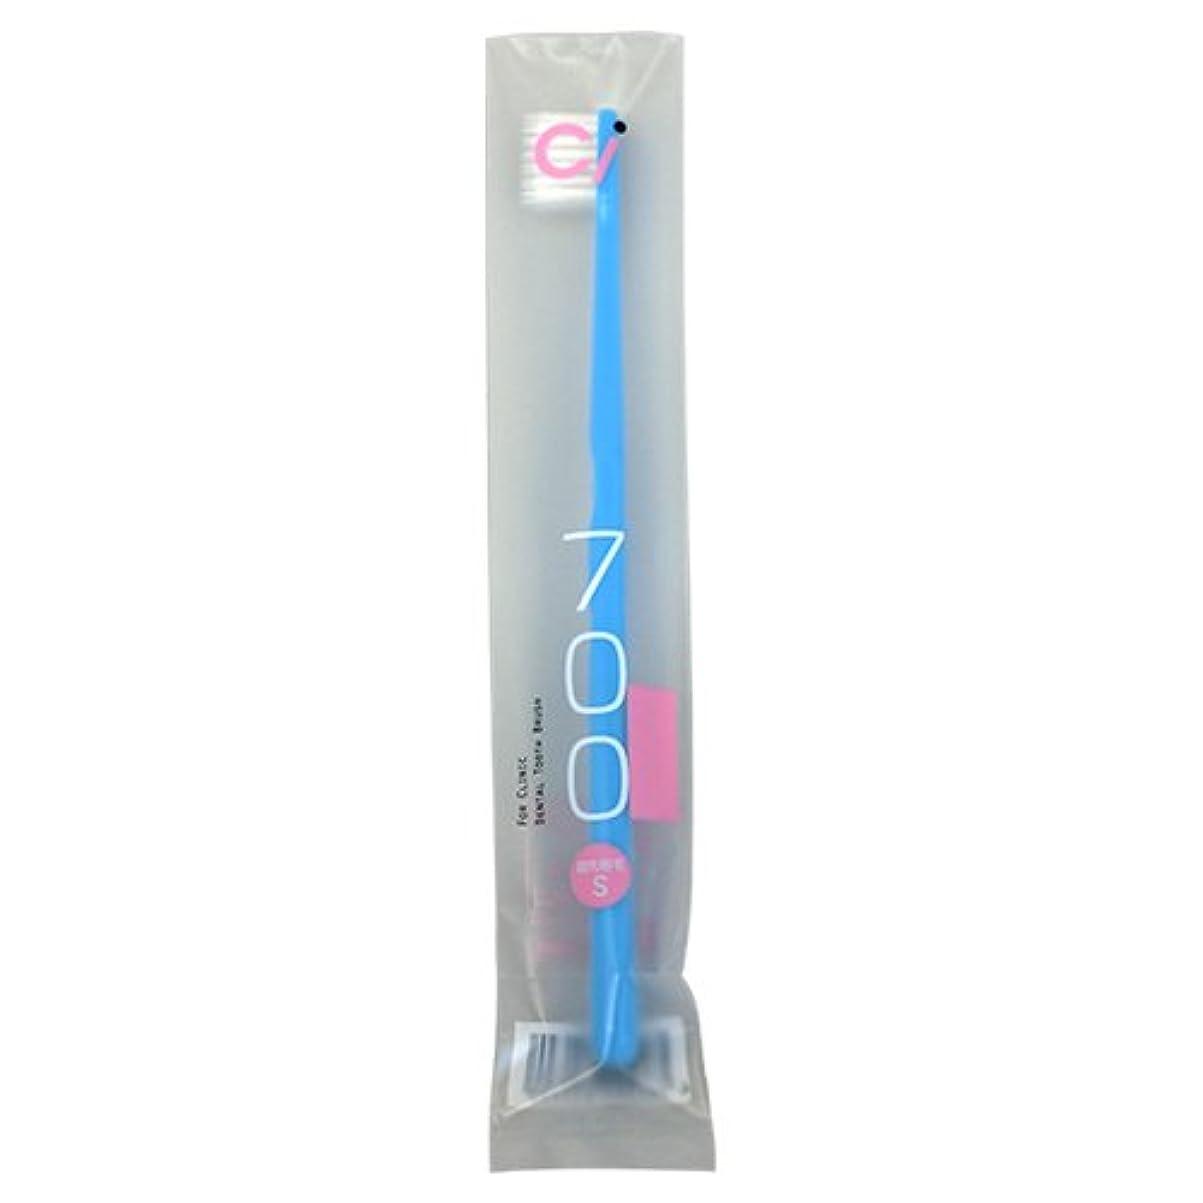 寄託釈義一生Ciメディカル Ci700 超先細 ラウンド毛 歯ブラシ 1本 (Sやわらかめ)ブルー